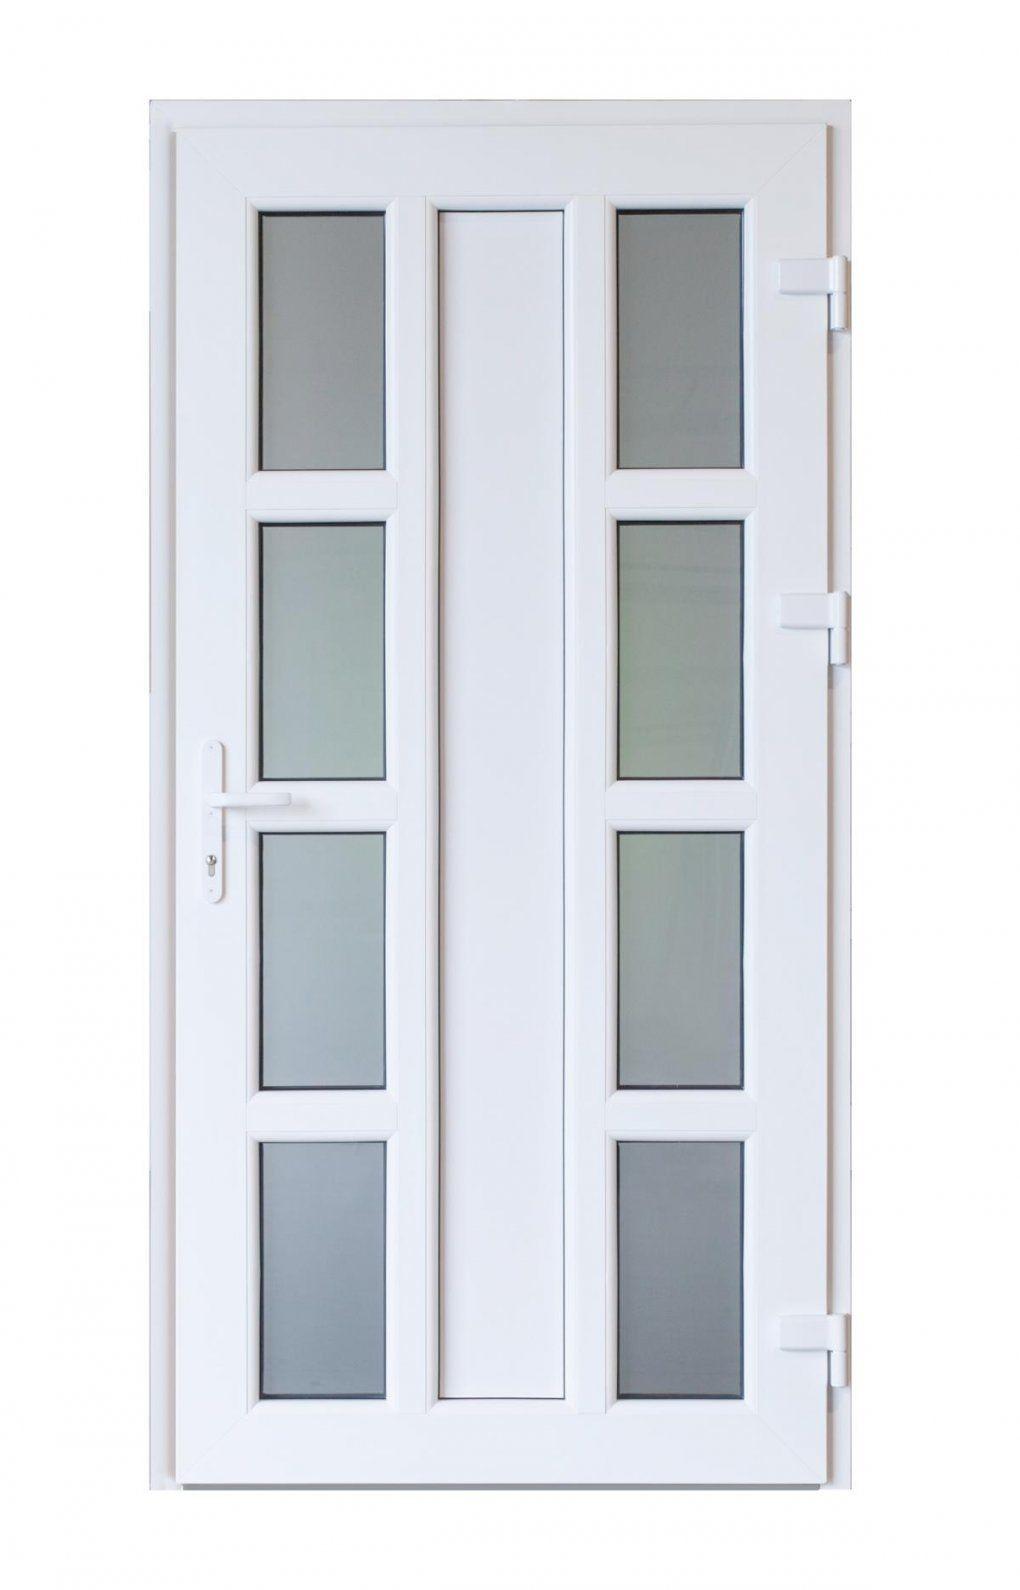 Türen Aus Polen Online Kaufen  Fensterweltengmbh von Kunststoff Haustüren Aus Polen Bild